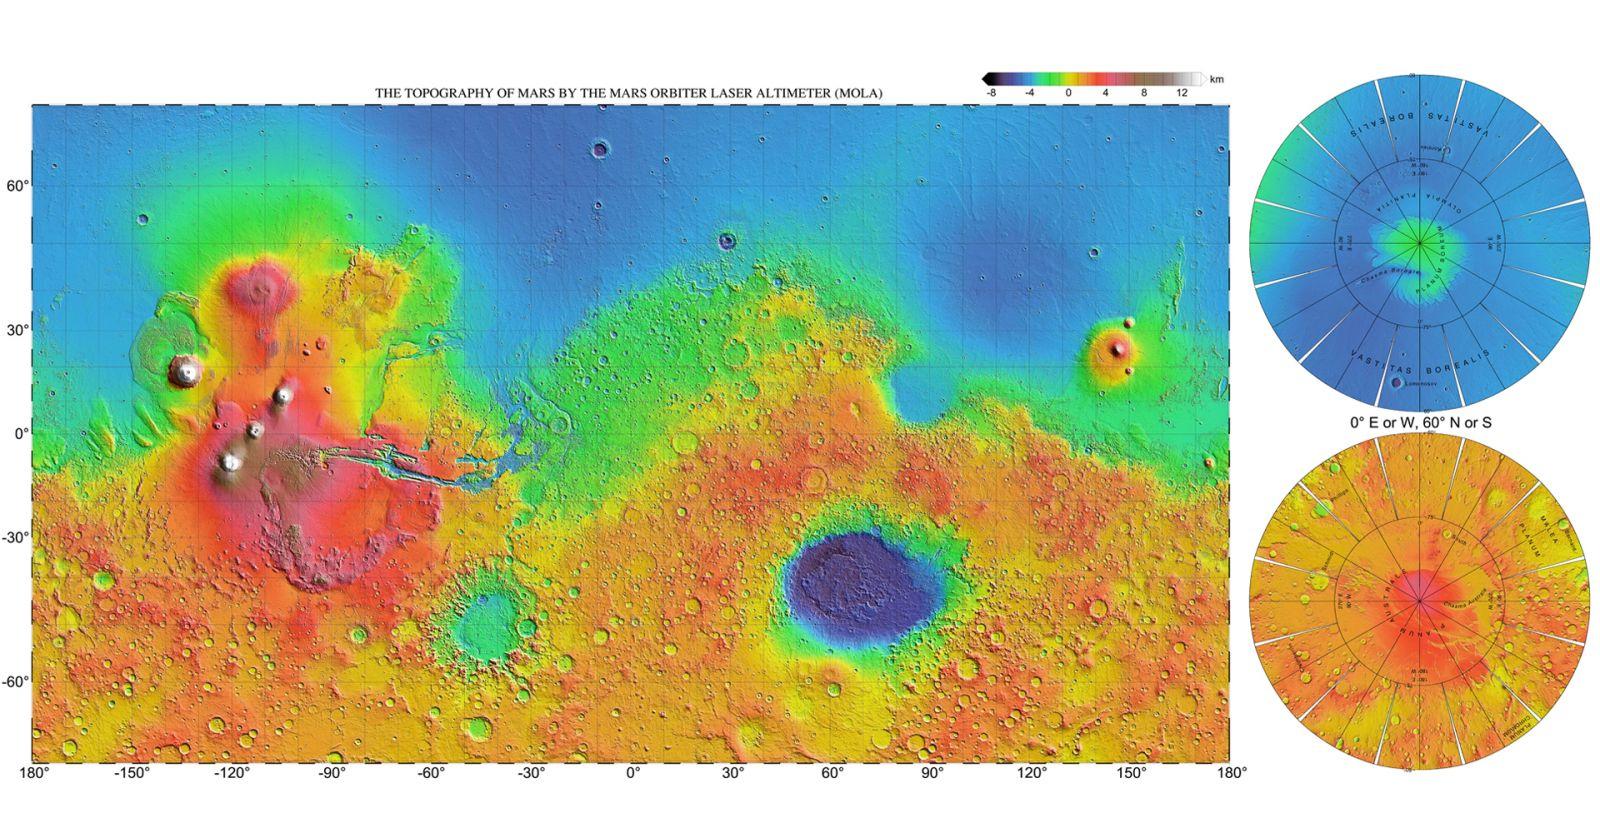 Изображение топографической карты Марса